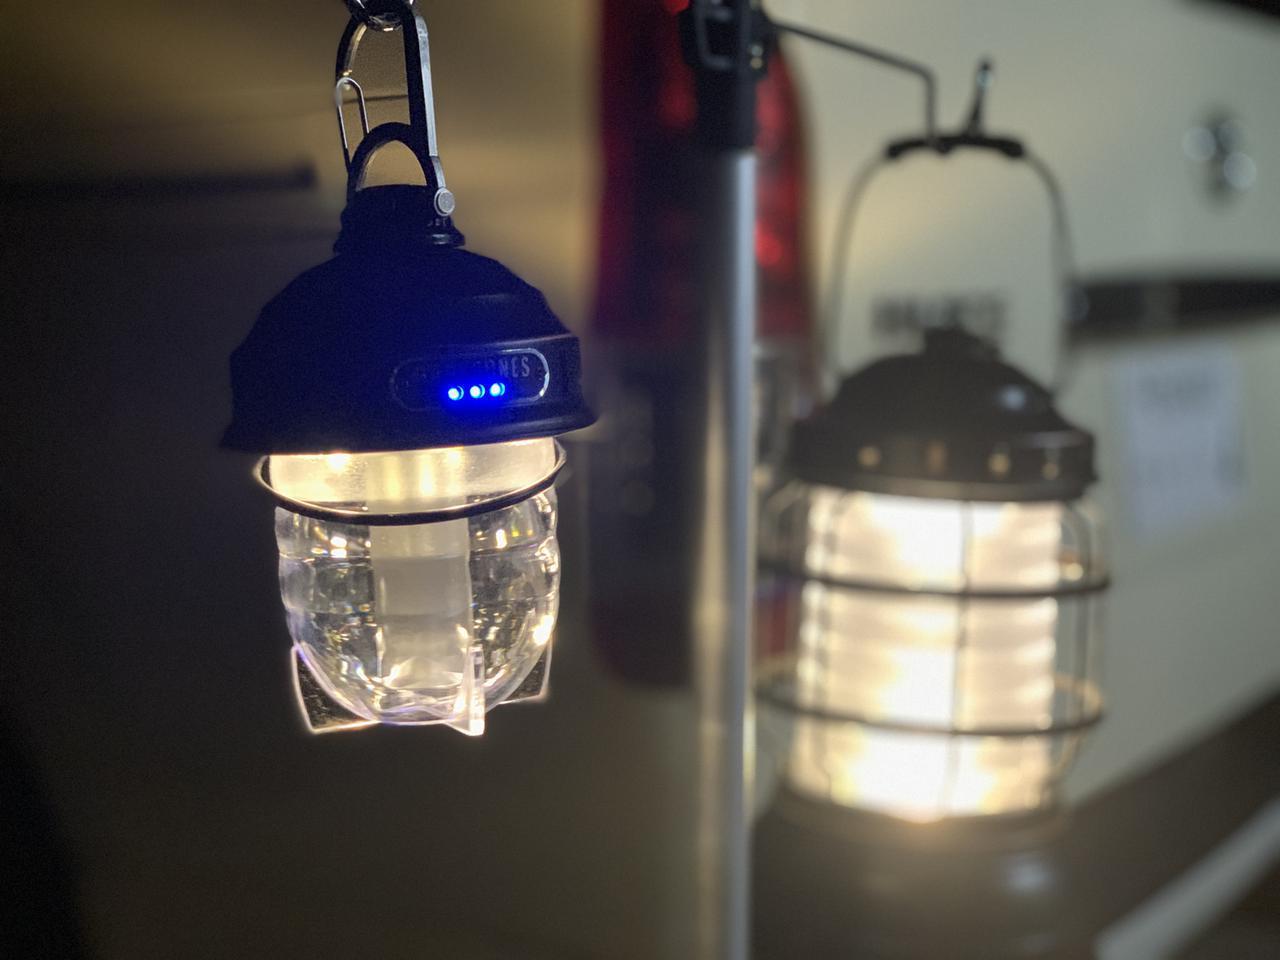 画像: 火を使わないから安心な「LEDランタン」 テント内でも使えてキャンプ初心者にもおすすめ!